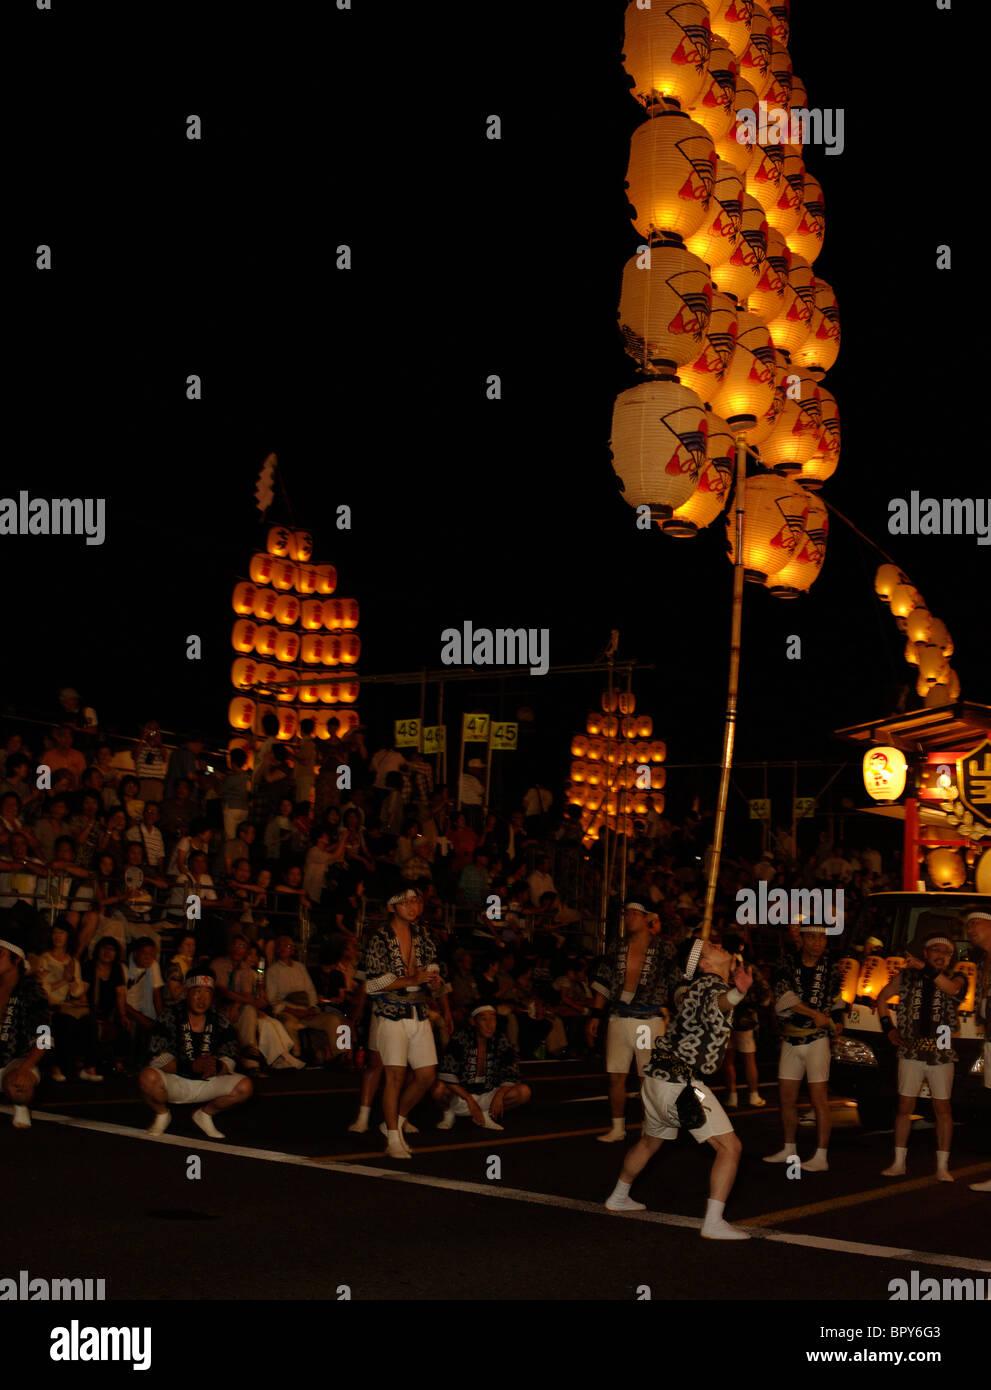 Akita Kanto Matsuri Lantern Festival Akita Prefecture - Stock Image